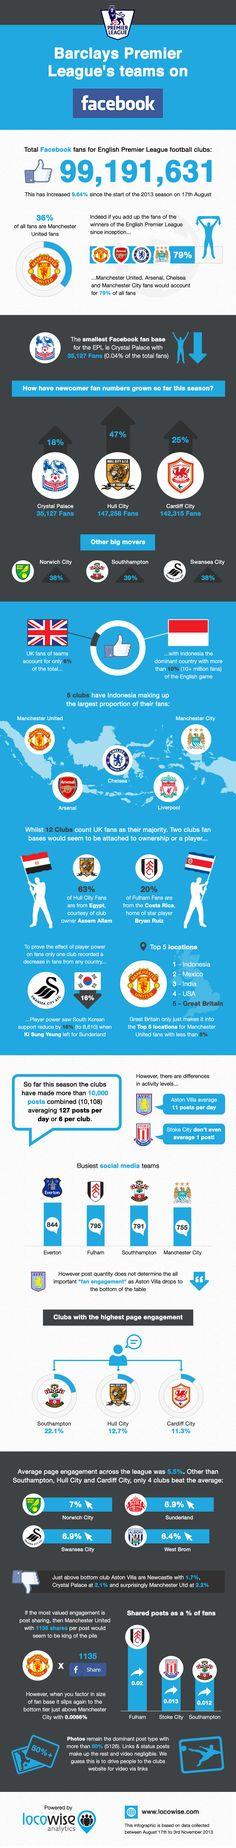 ¿Cómo es la competencia en Facebook entre los equipos de la Liga Premier? #SMSports #SocialMedia #Facebook #Barclays